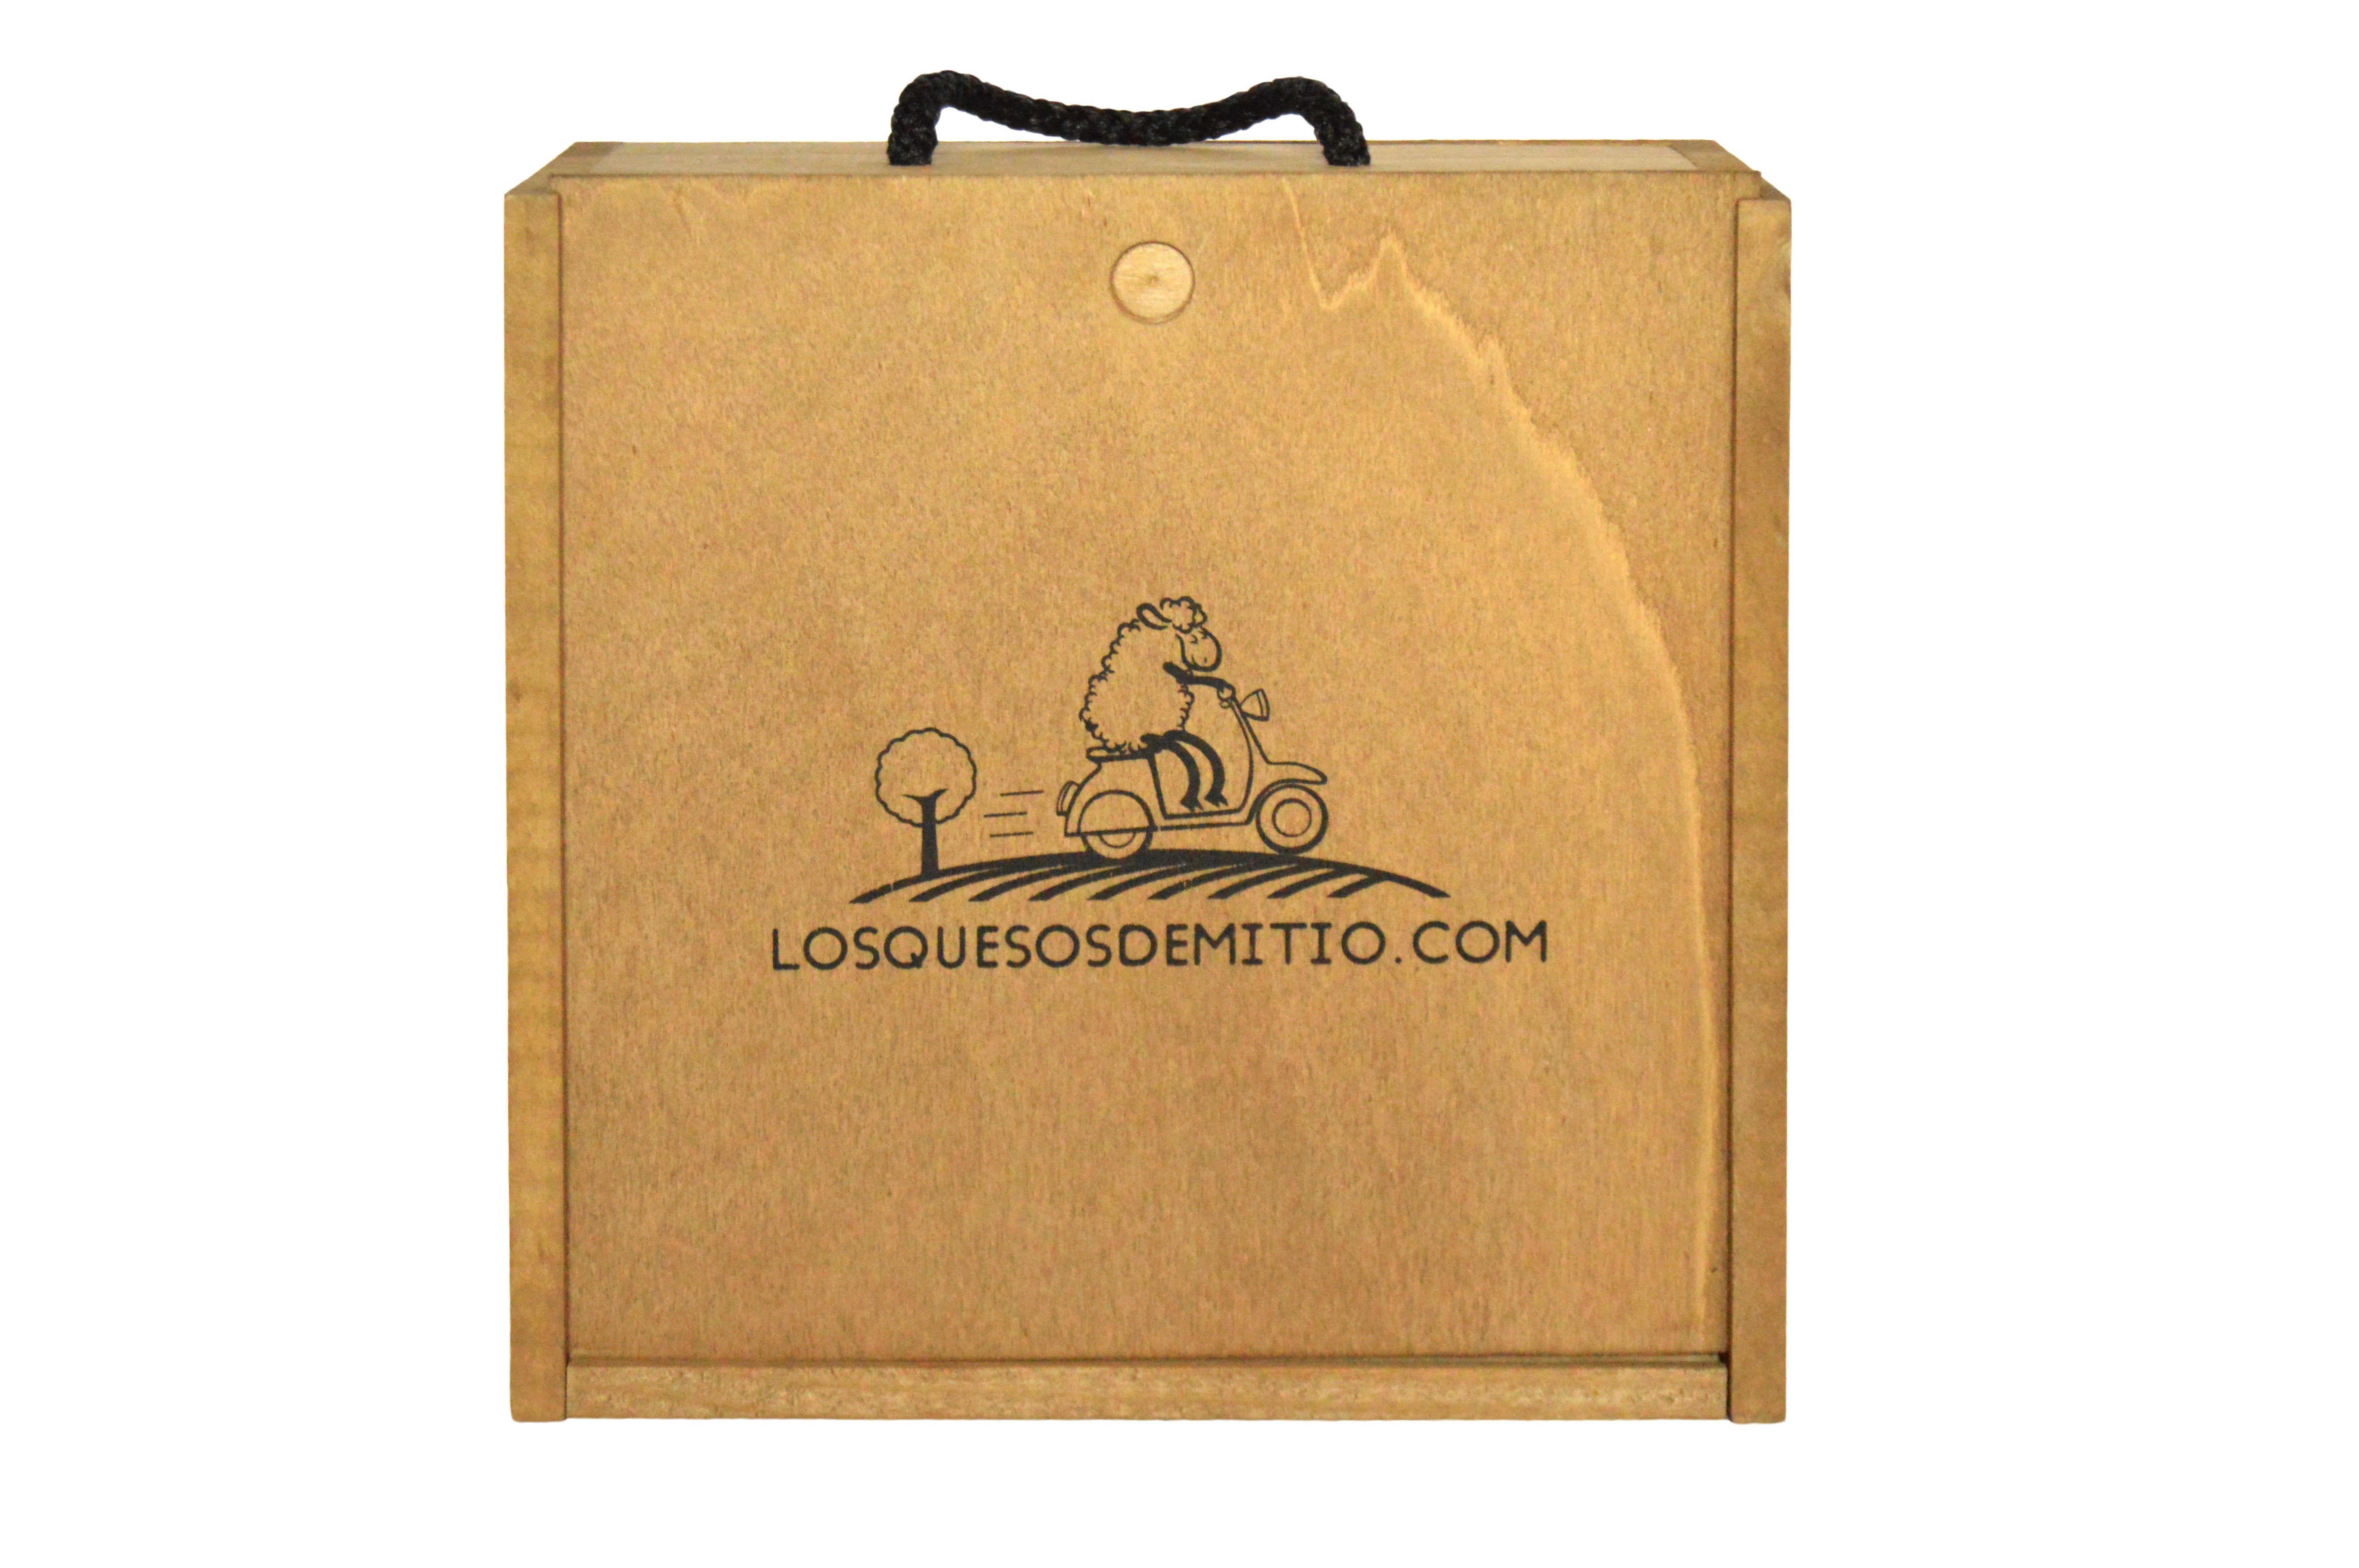 Losquesosdemitio - Caja de regalo para queso